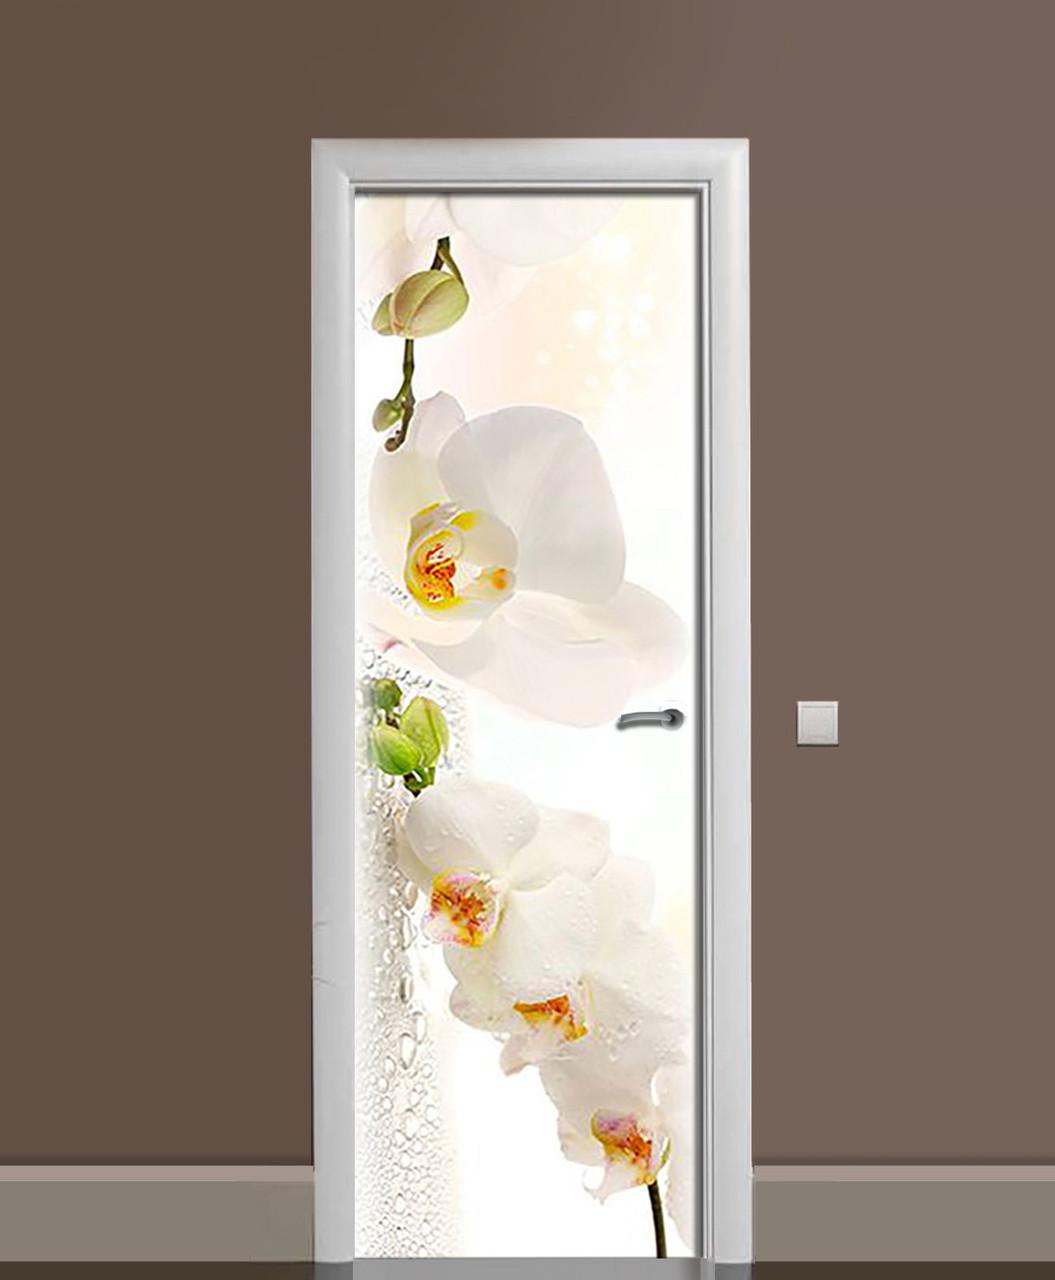 Виниловая наклейка на двери Белая орхидея 03 самоклеющаяся ламинация пленка ПВХ цветы роса Бежевый 650*2000мм